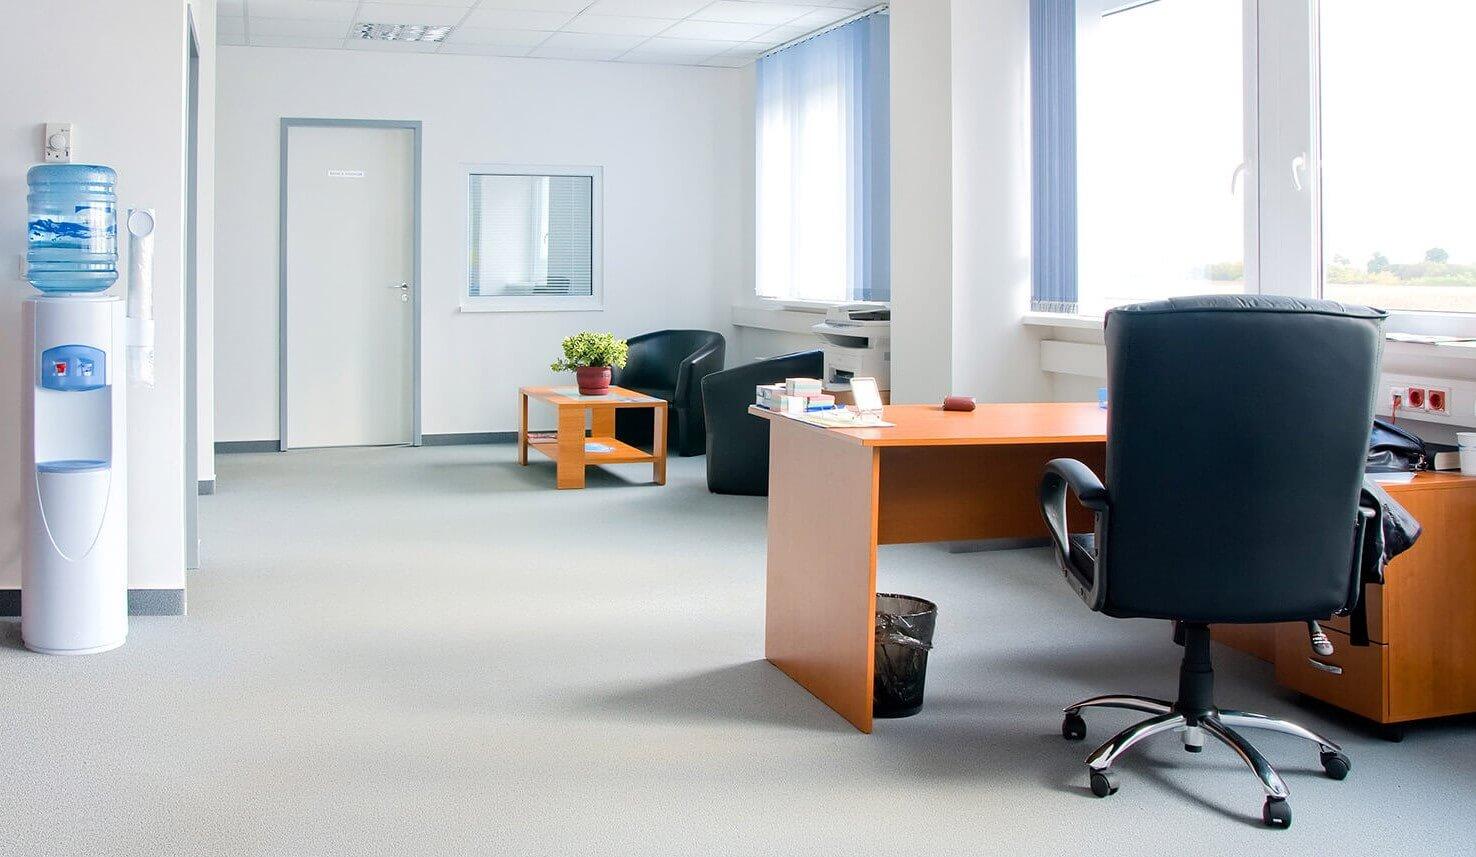 Limpieza de oficinas los mejores trucos y consejos for Limpieza oficinas